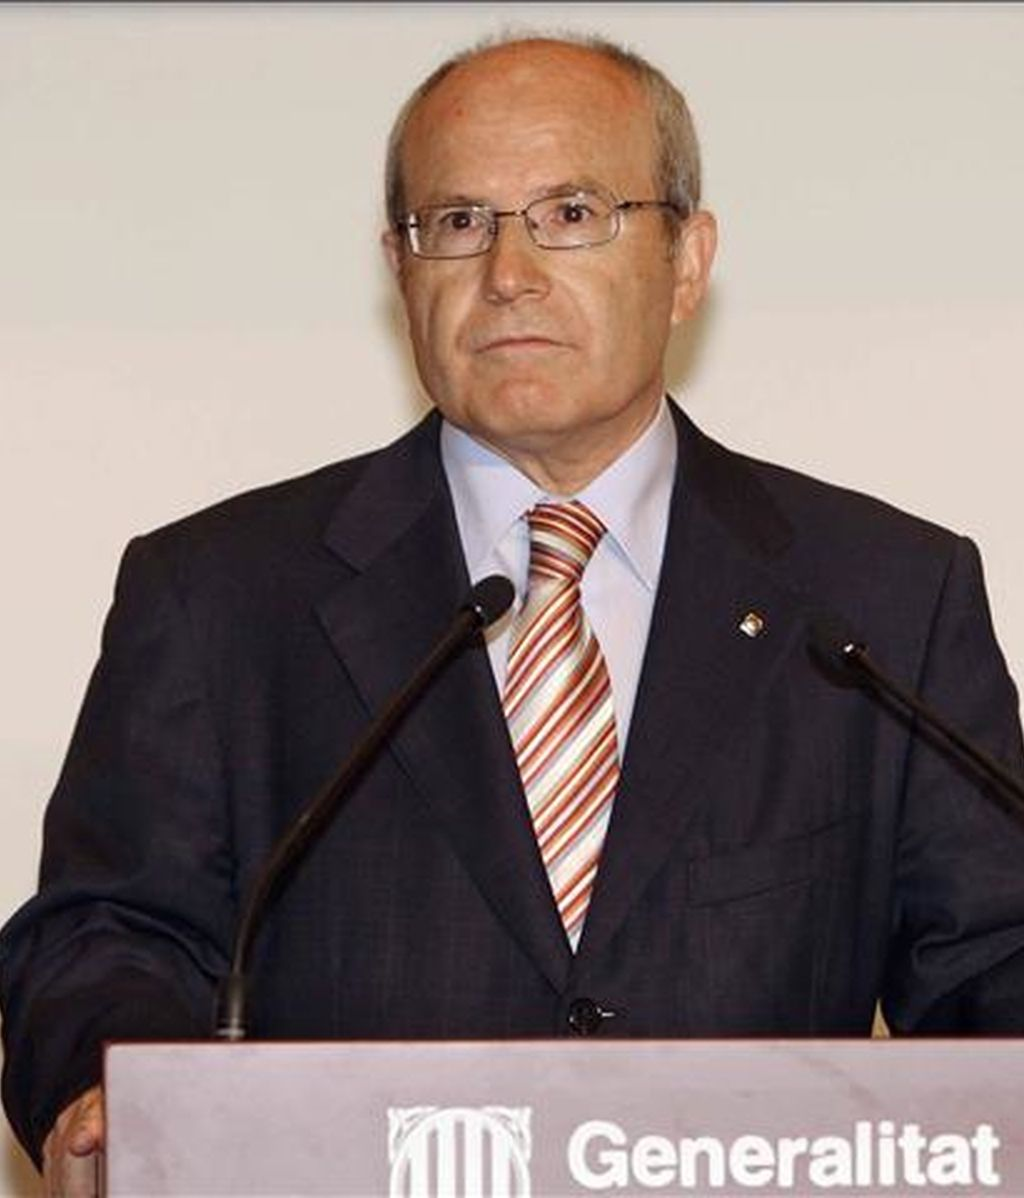 El presidente de la Generalitat, José Montilla, durante la rueda de prensa posterior a la reunión mantenida en el Palau de la Generalitat esta mañana con el vicepresidente tercero del Gobierno Manuel Chaves. EFE